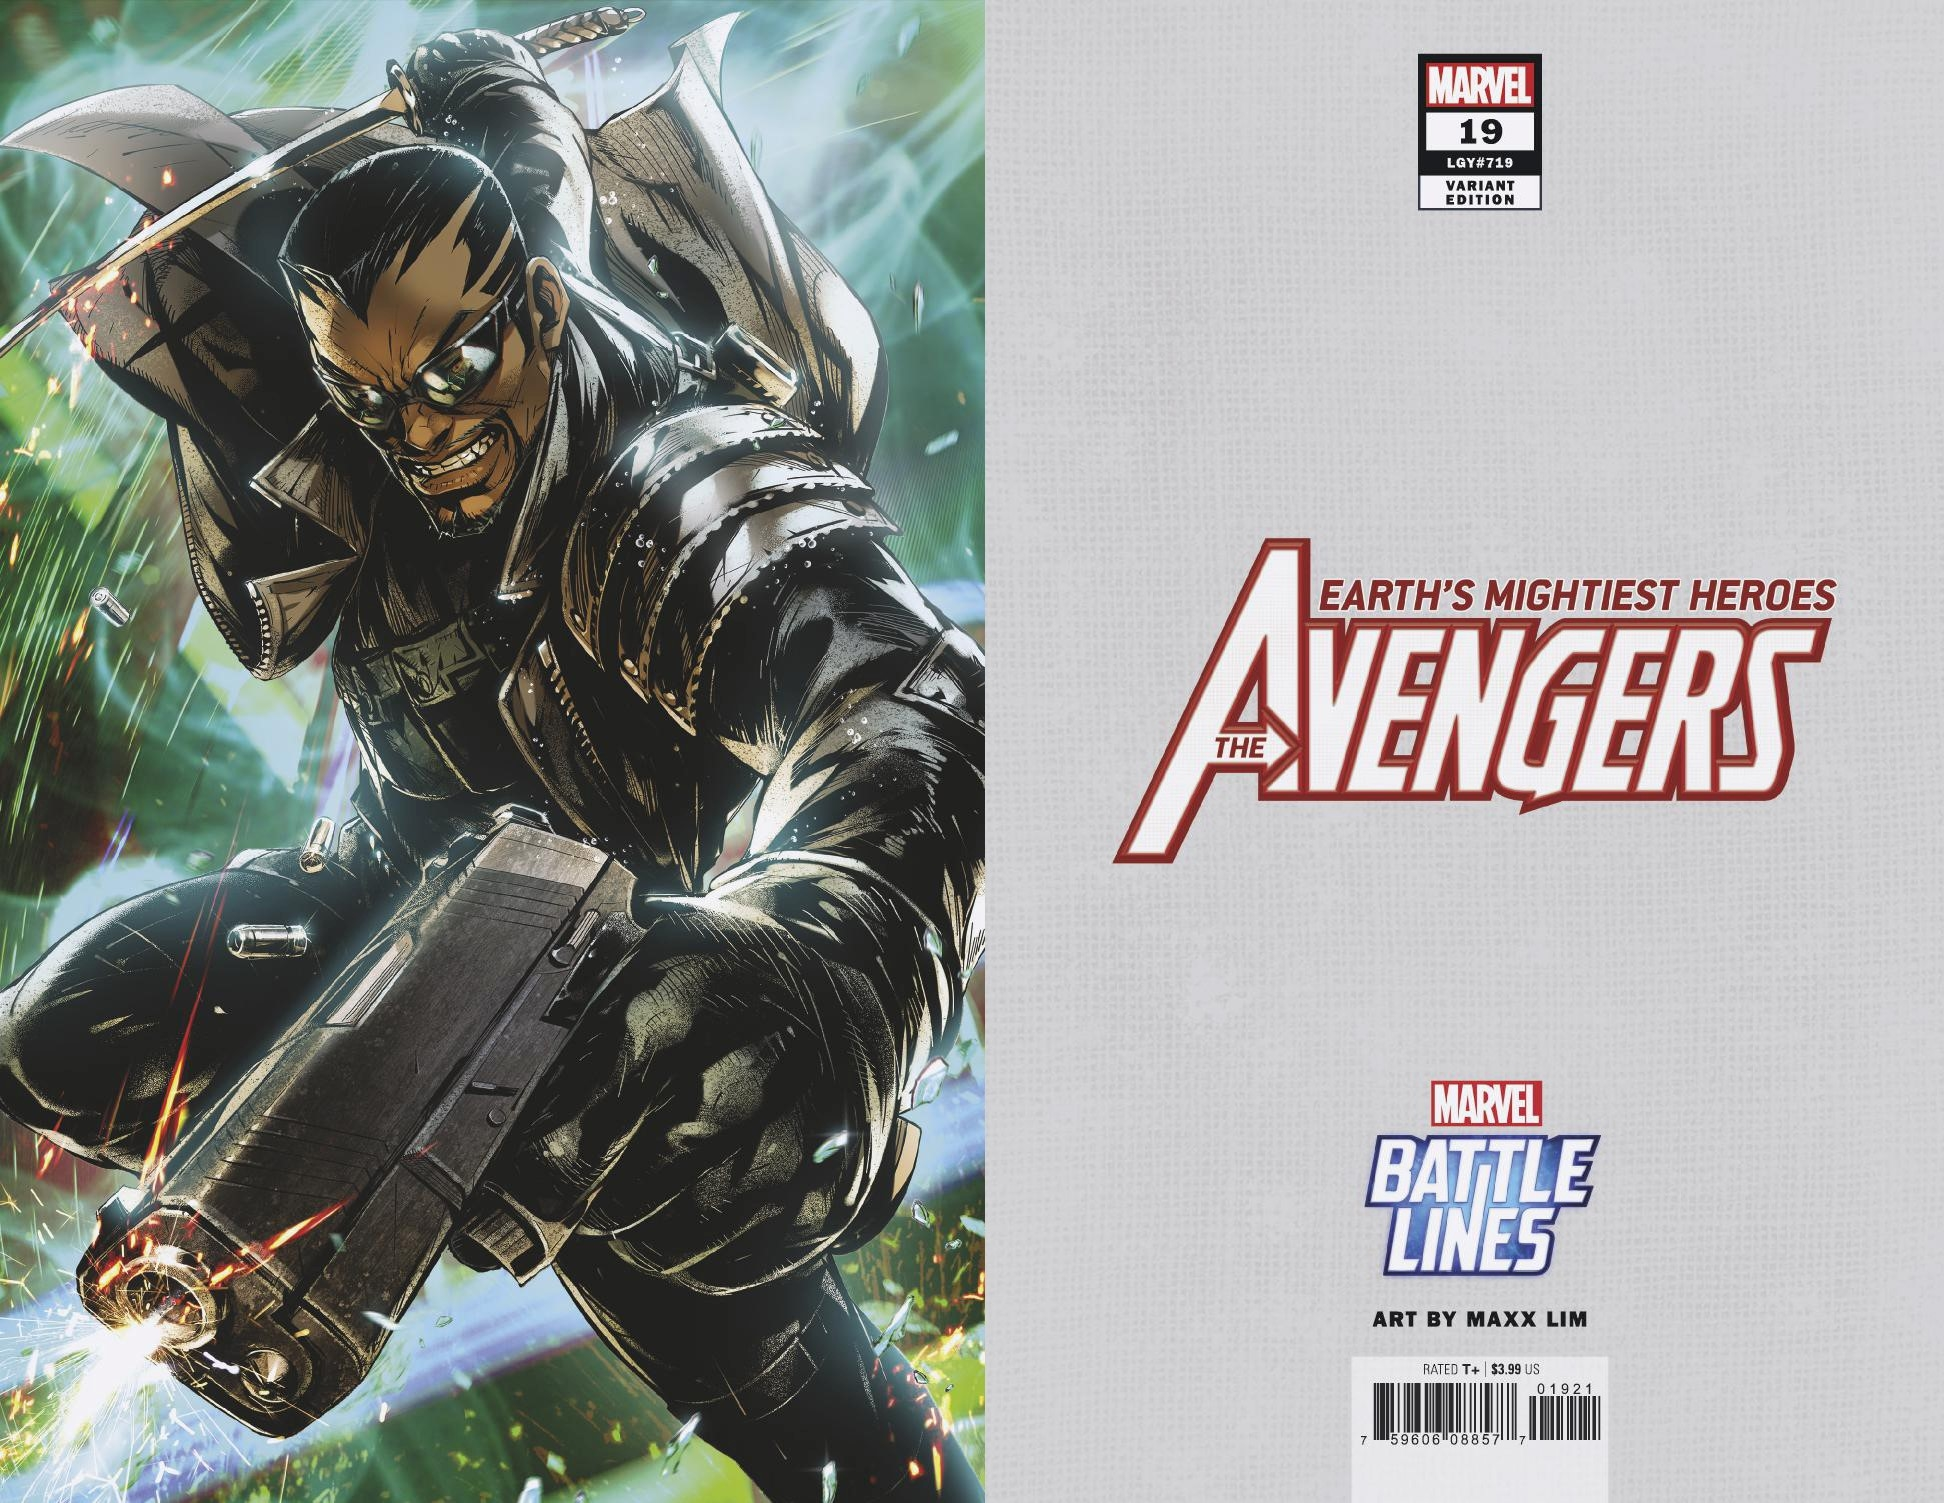 Avengers Vol 8 19 Marvel Battle Lines Wraparound Variant.jpg